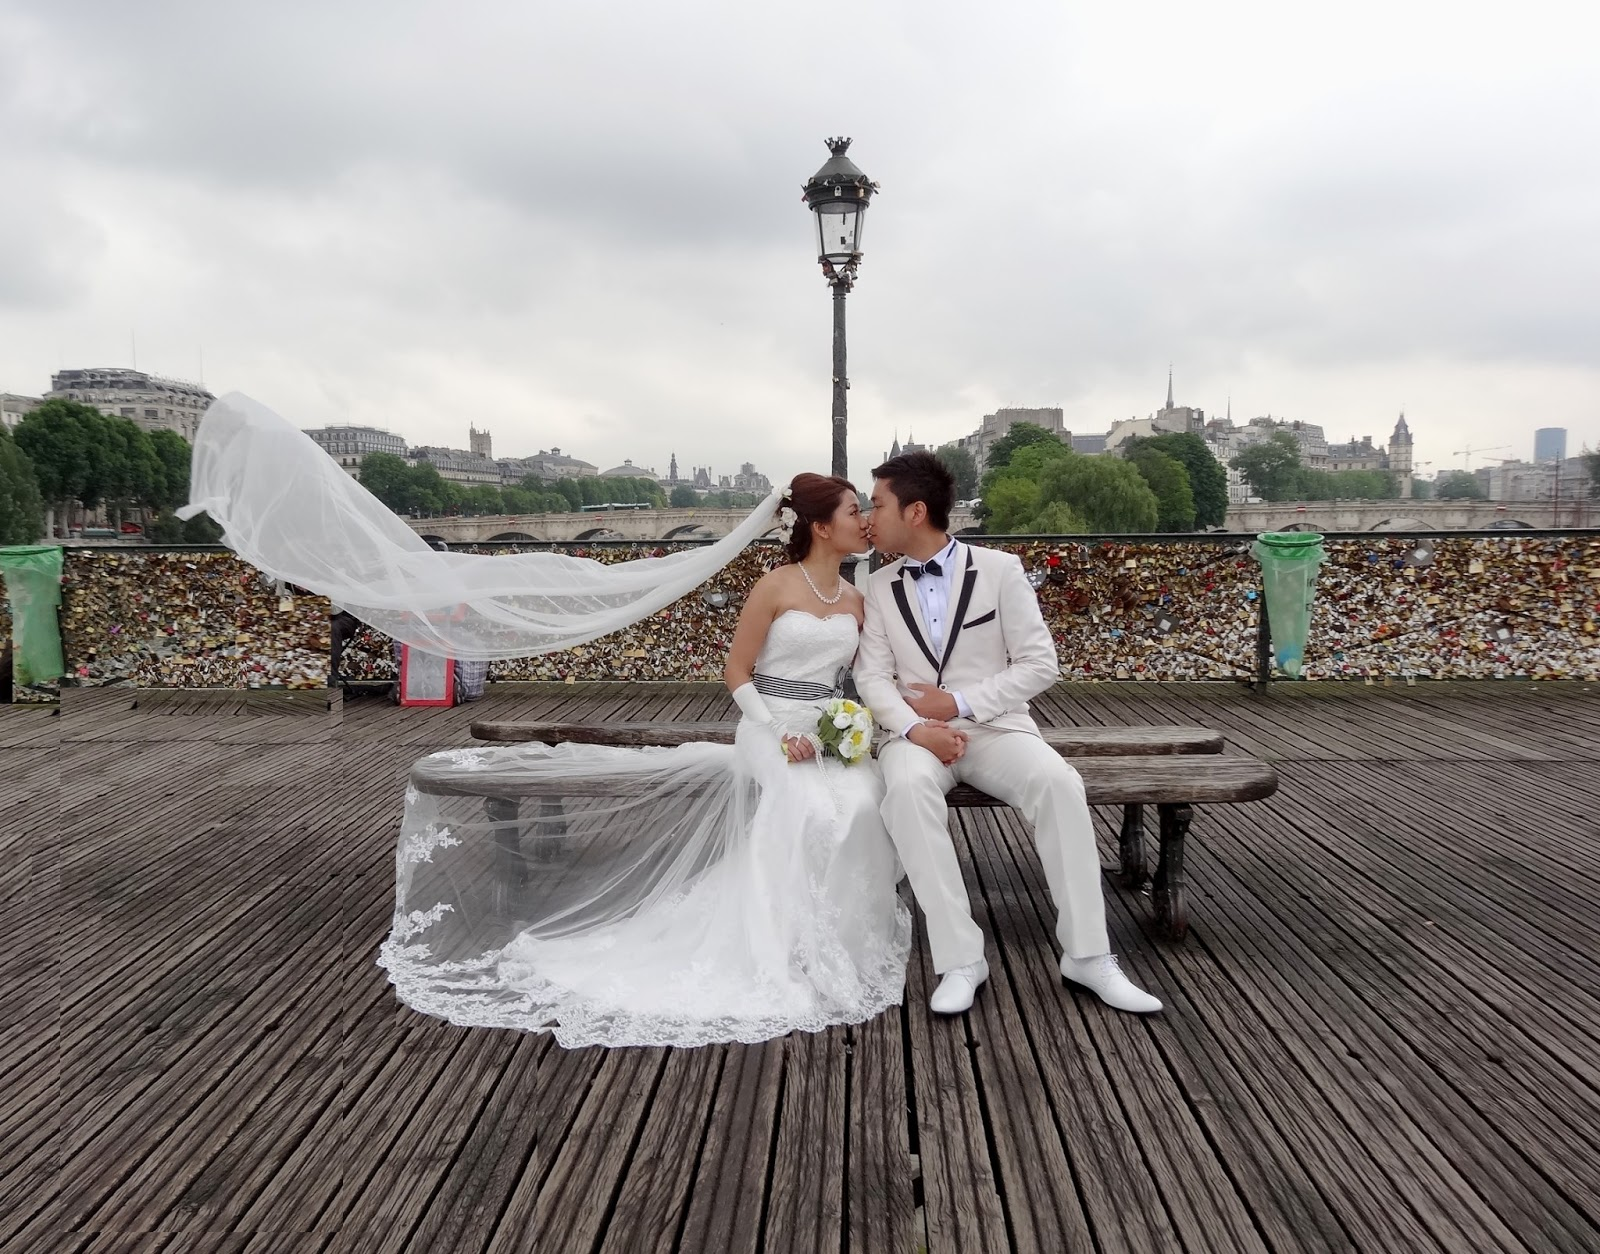 Sur le pont des arts mariage pour tous - Cadenas amoureux pont paris ...